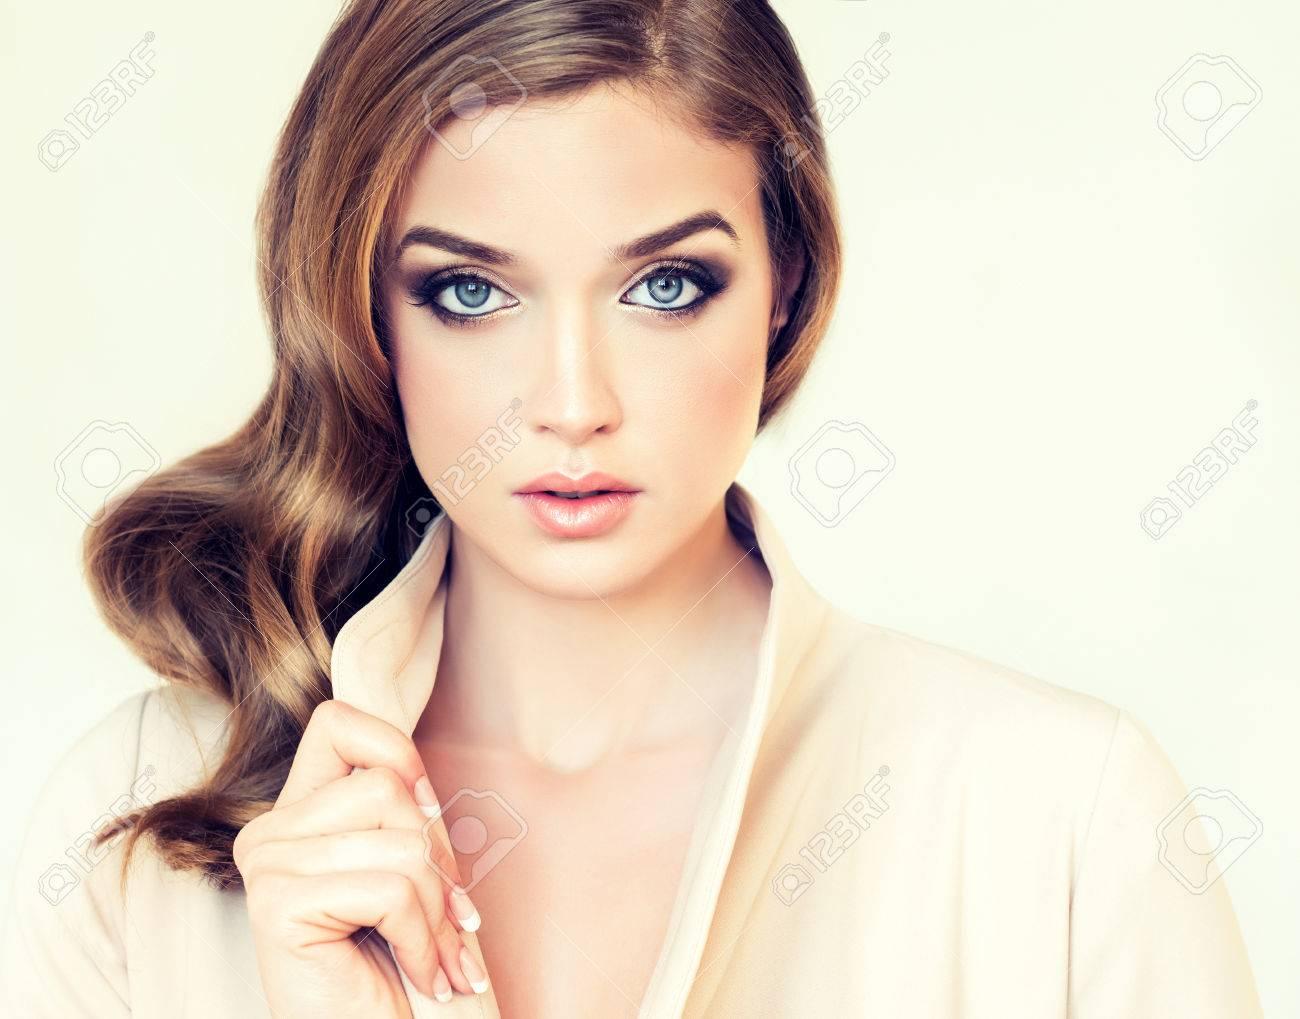 Schönes Mädchenbaumuster Im Beige Jacke Mit Stilvoller Frisur Locken